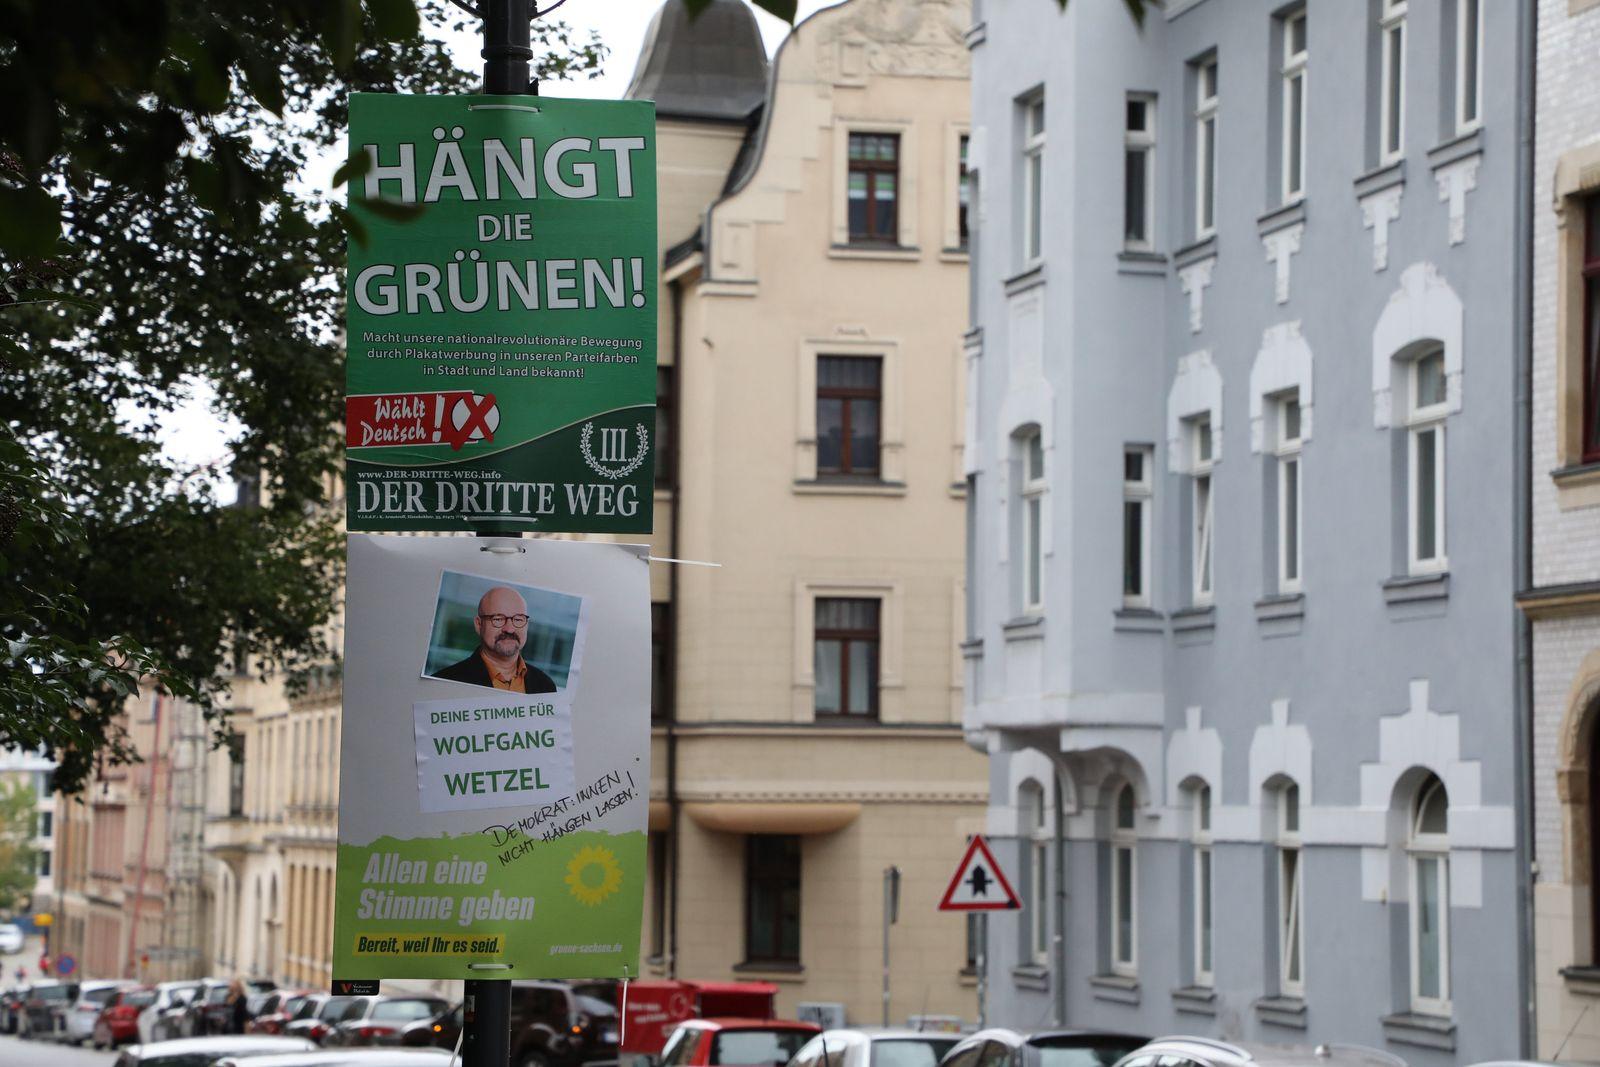 """Plakataktion der Grünen im Streit um """"Hängt die Grünen""""-Plakat"""